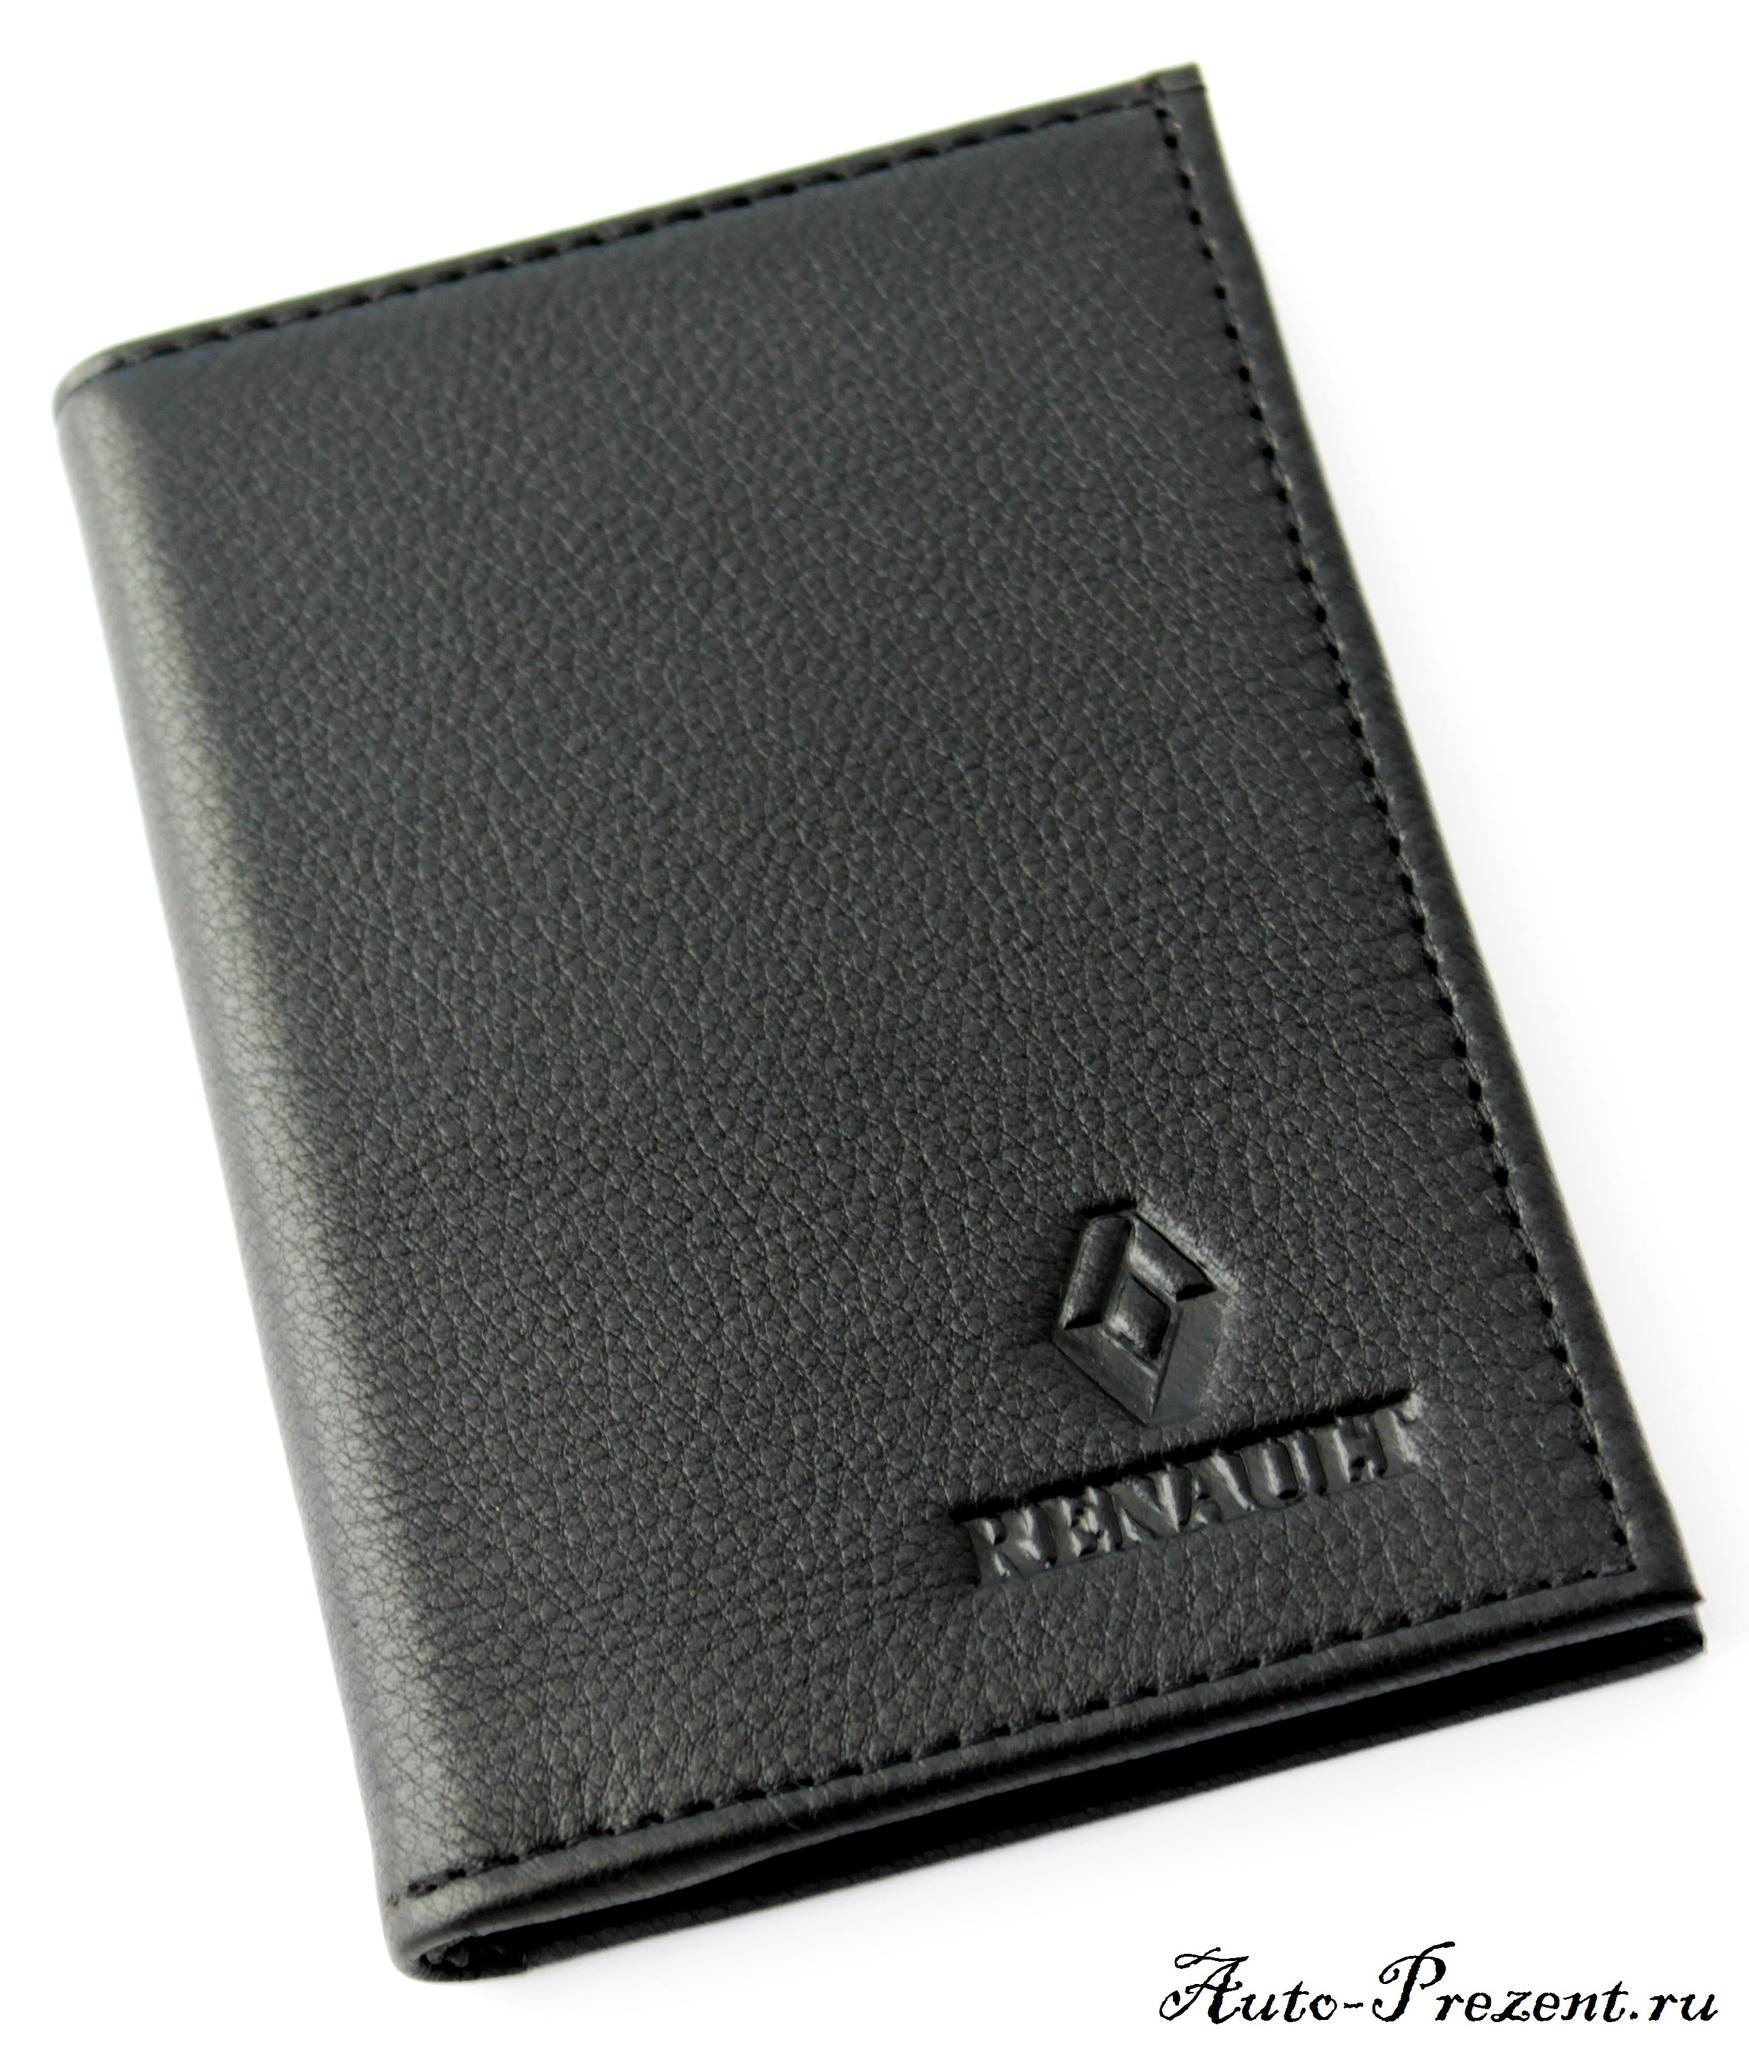 Портмоне для автодокументов из натуральной кожи с логотипом RENAULT